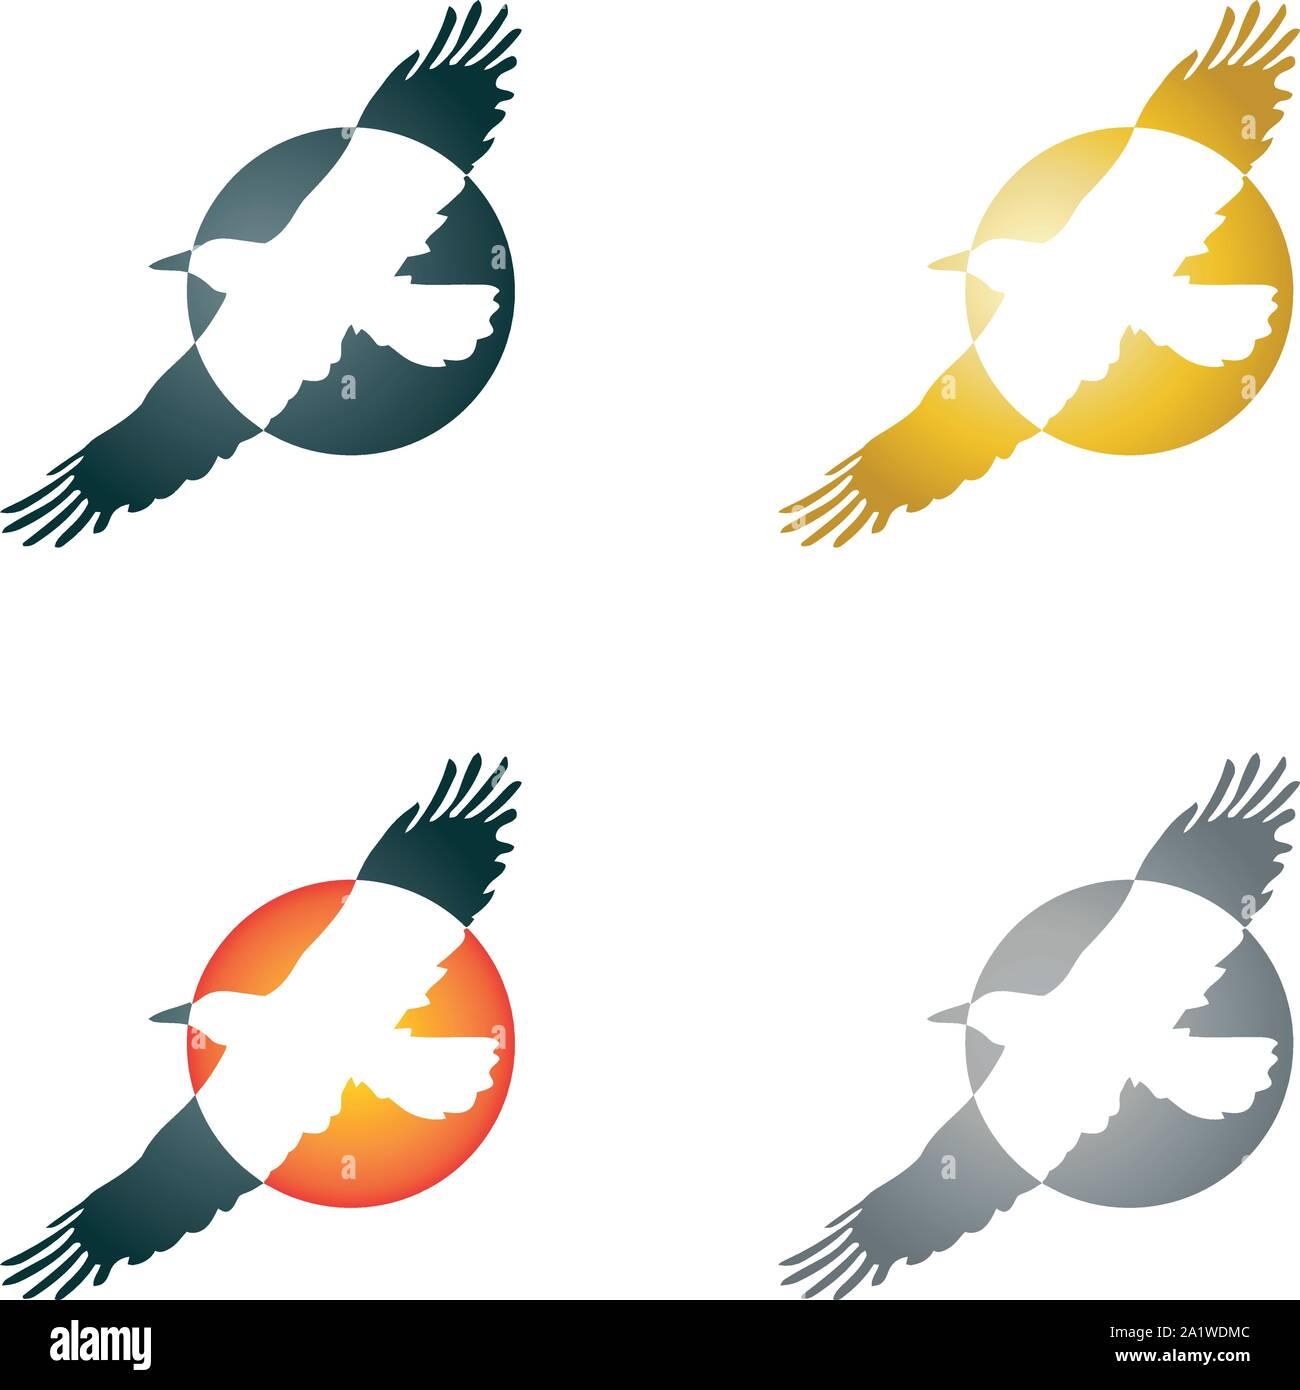 Bird in flight, bird, logo Stock Vector